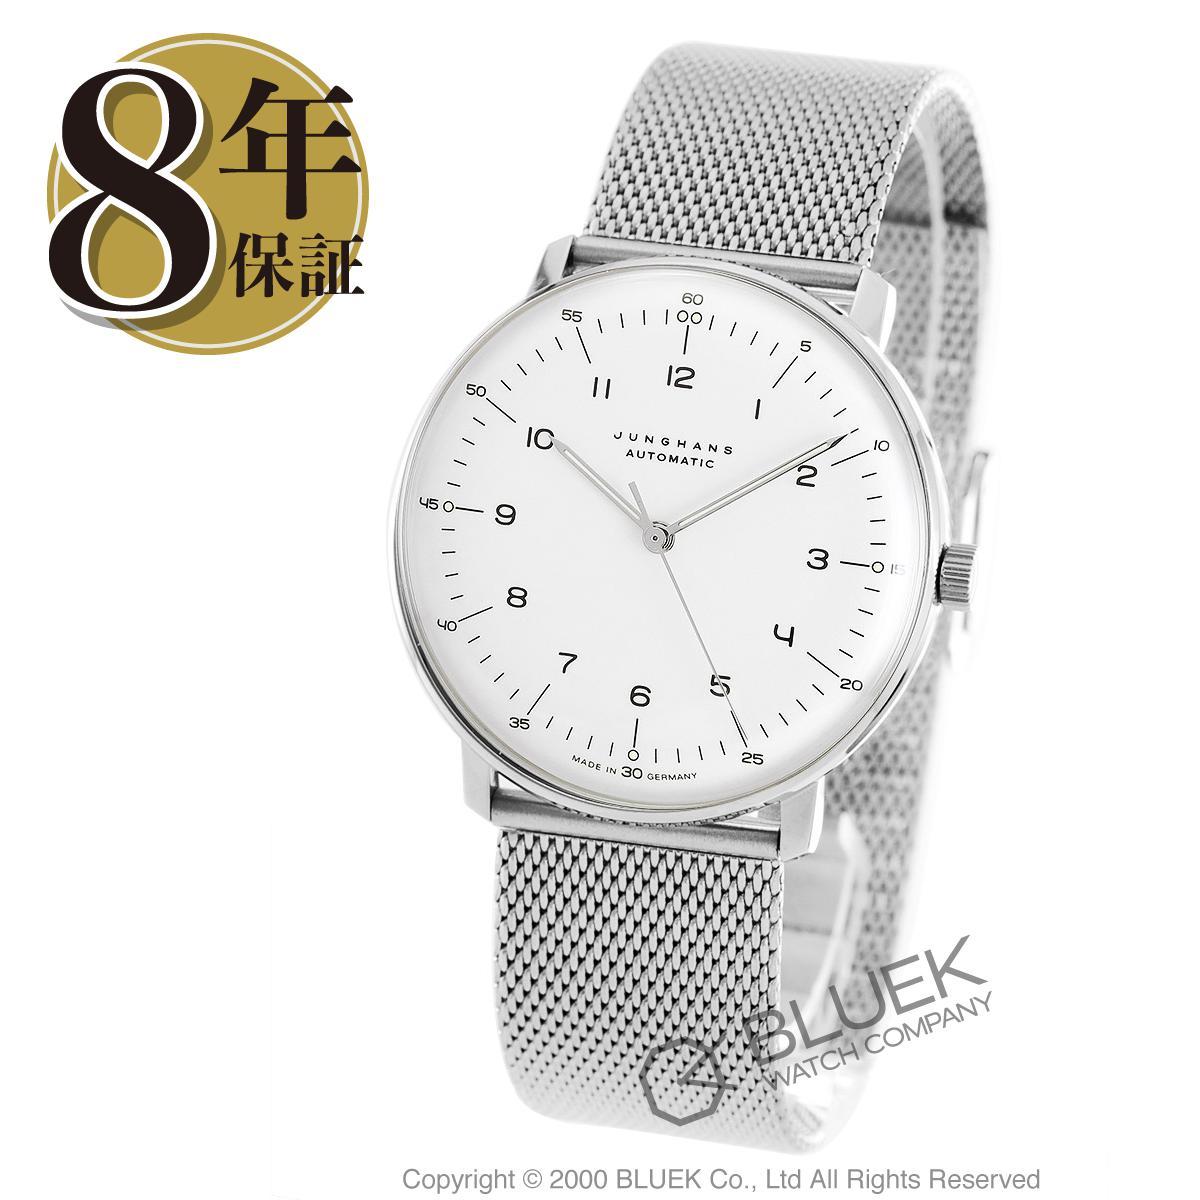 ユンハンス JUNGHANS 腕時計 マックスビル メンズ 027/3500.00M_8